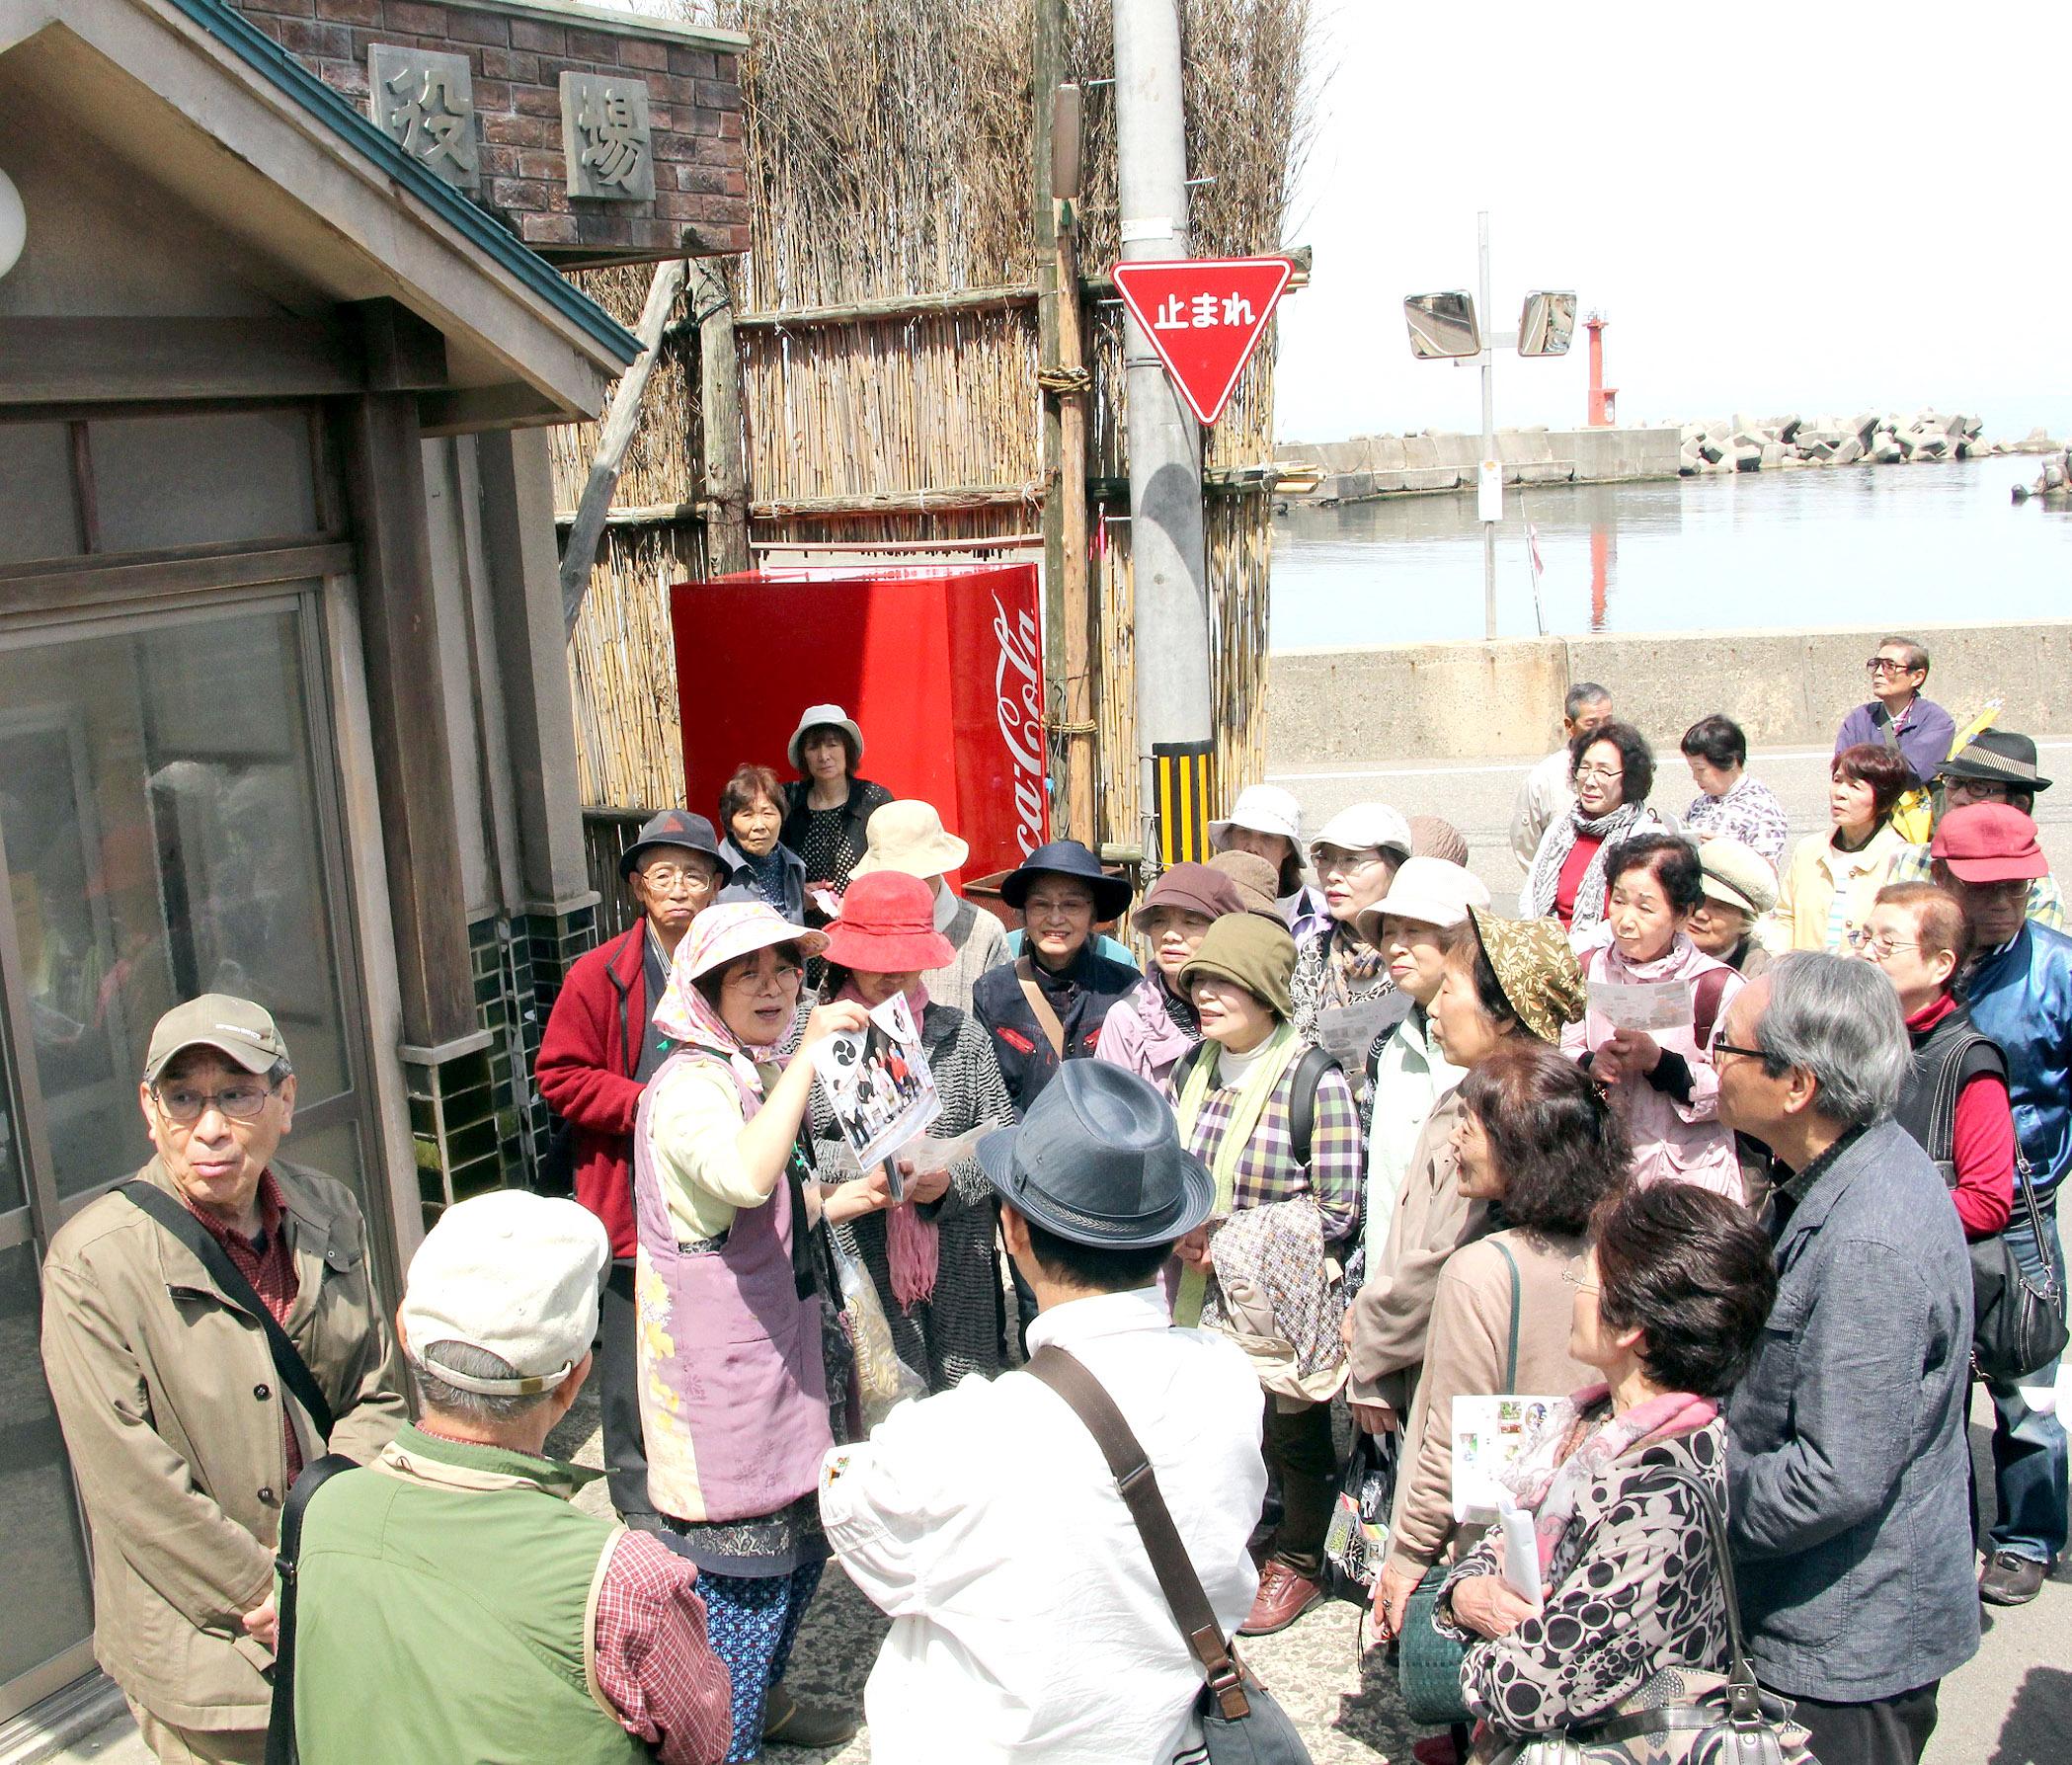 「外浦村役場」前で撮影時の話を聞く参加者=輪島市大沢町